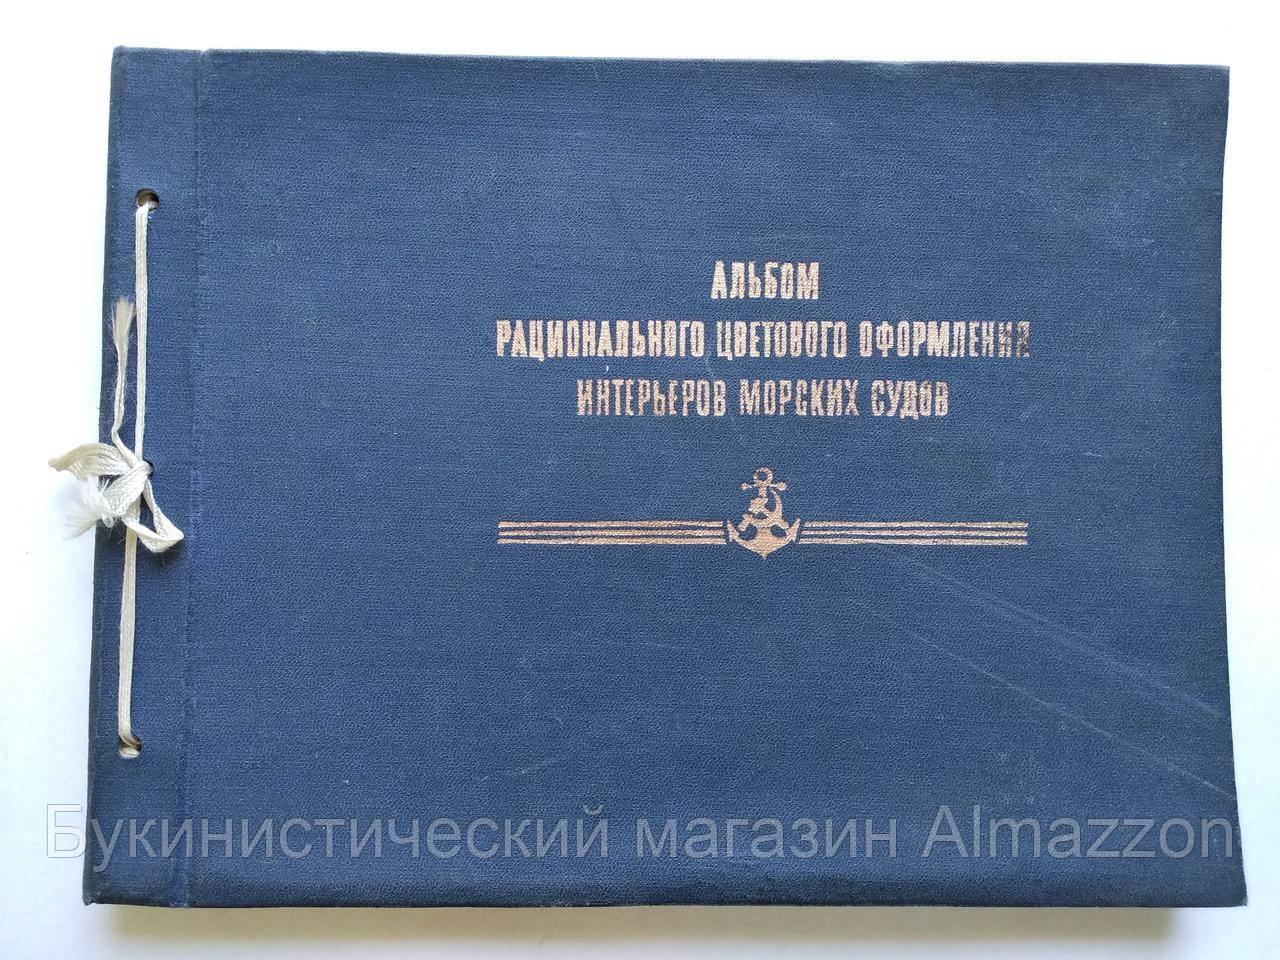 Альбом рационального цветового оформления интерьеров морских судов 1973 Рекламинформбюро ММФ